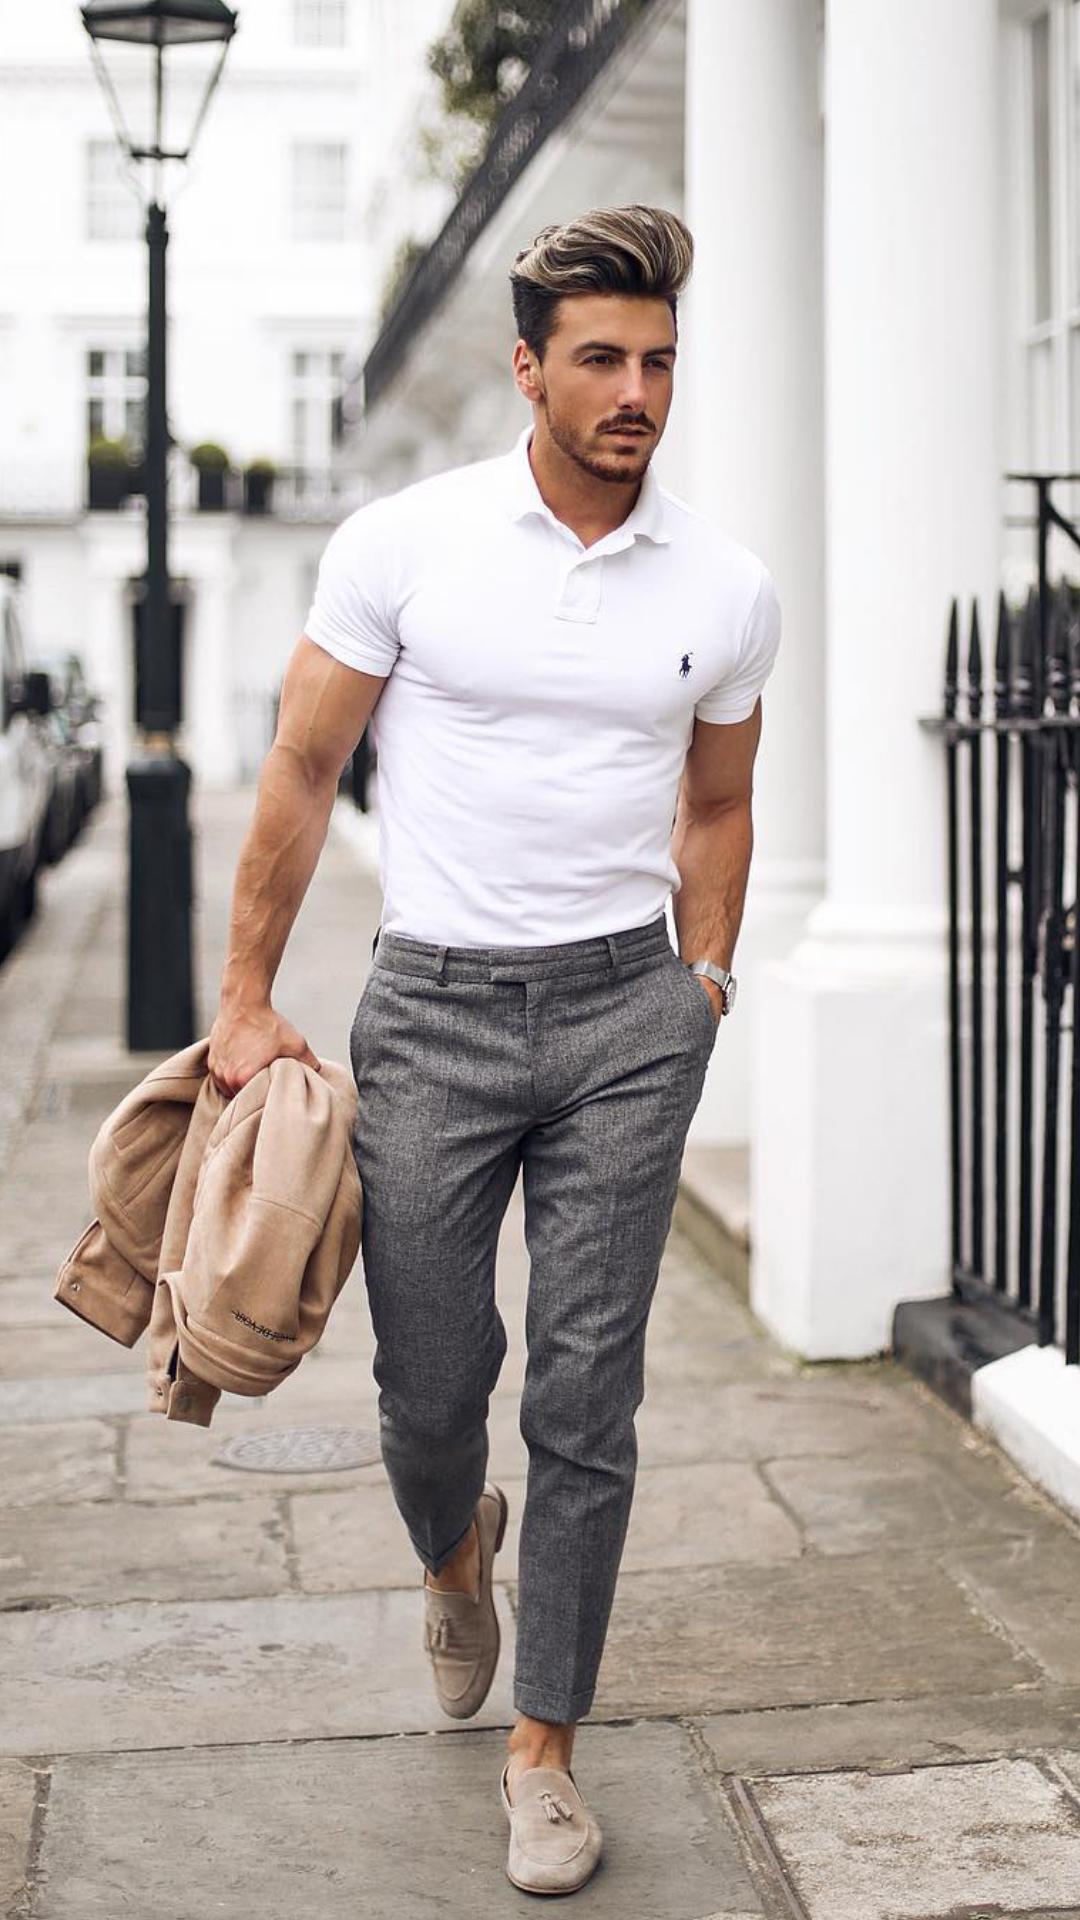 Chàng cũng có thể chọn cho mình chiếc áo thun Polo nam năng động mà không kém phần lịch lãm để mặc đi làm hay đi hẹn hò.